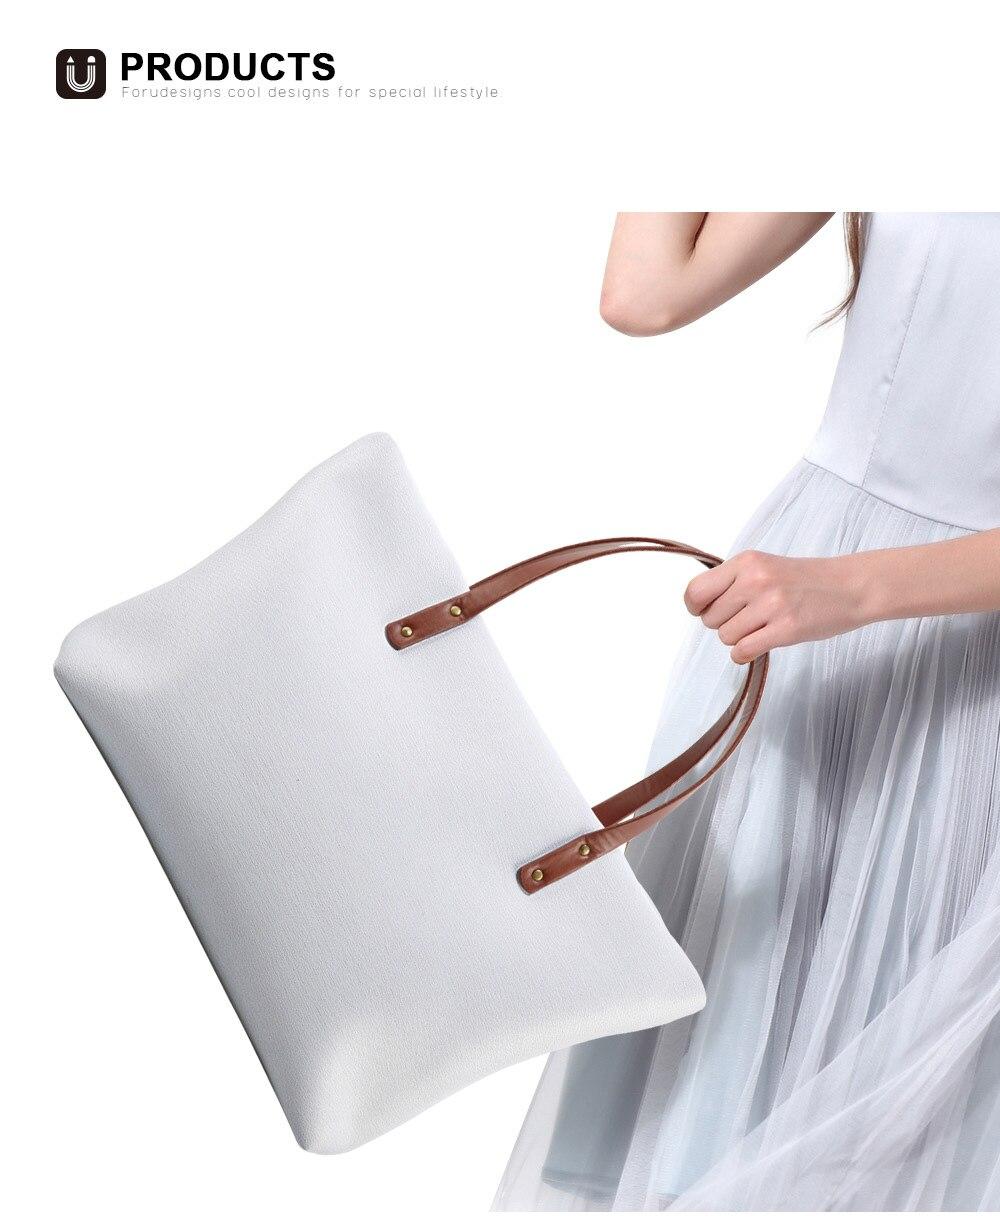 THIKIN 3D mignon crâne impression sac à bandoulière femmes sacs à main de haute qualité dames filles fourre-tout sac à main Kawaii grand Top-poignée sacs - 5